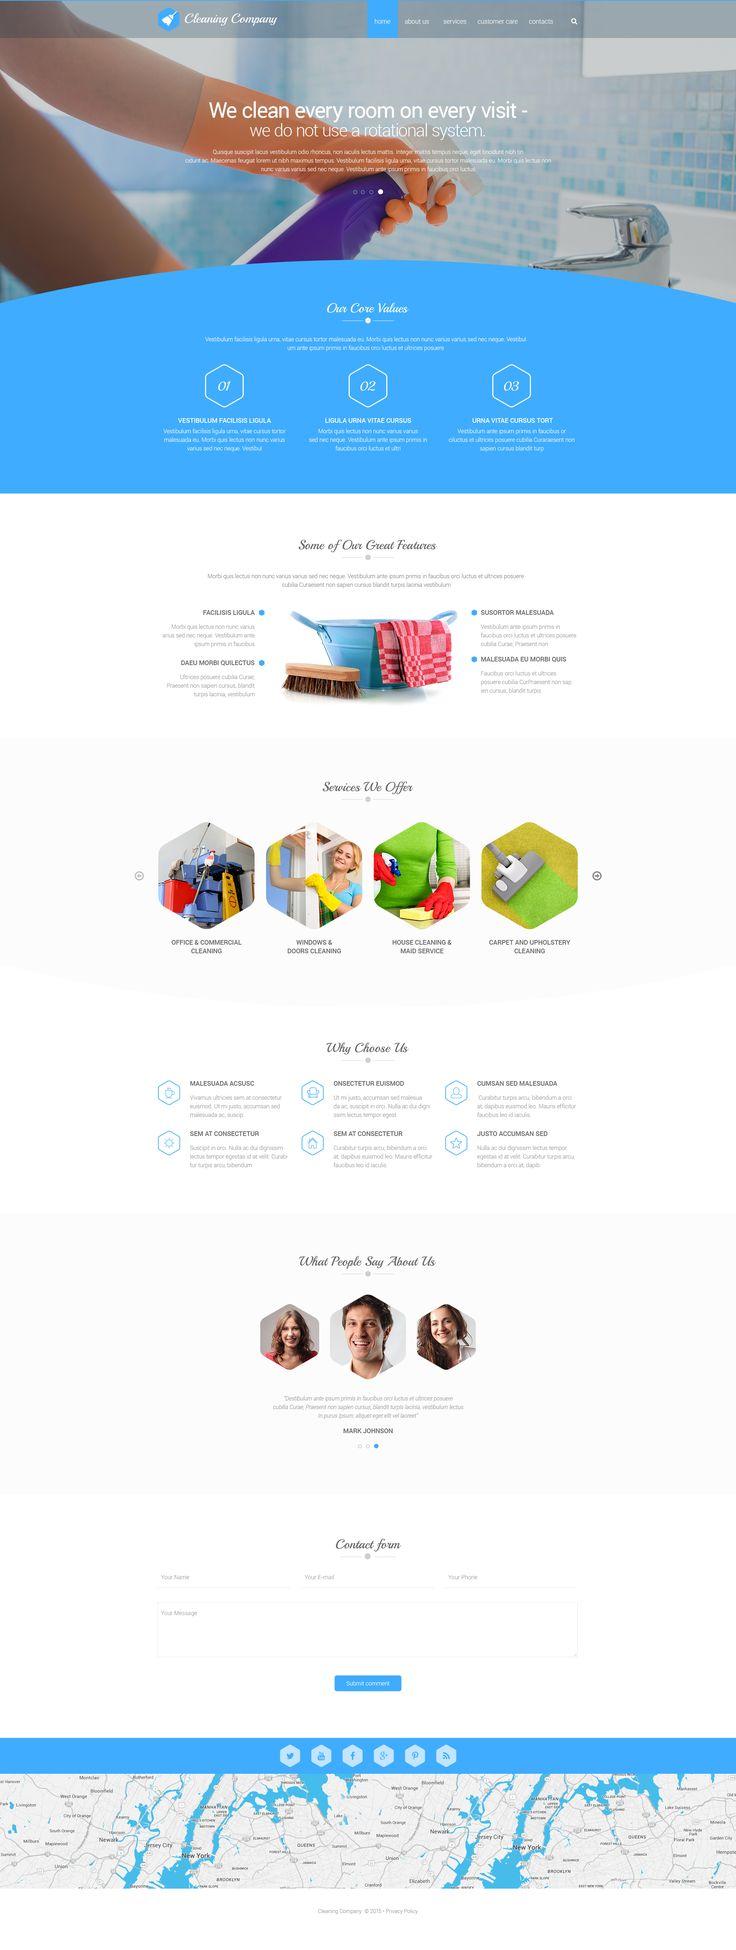 12 best Site serviços images on Pinterest   Website designs, Website ...